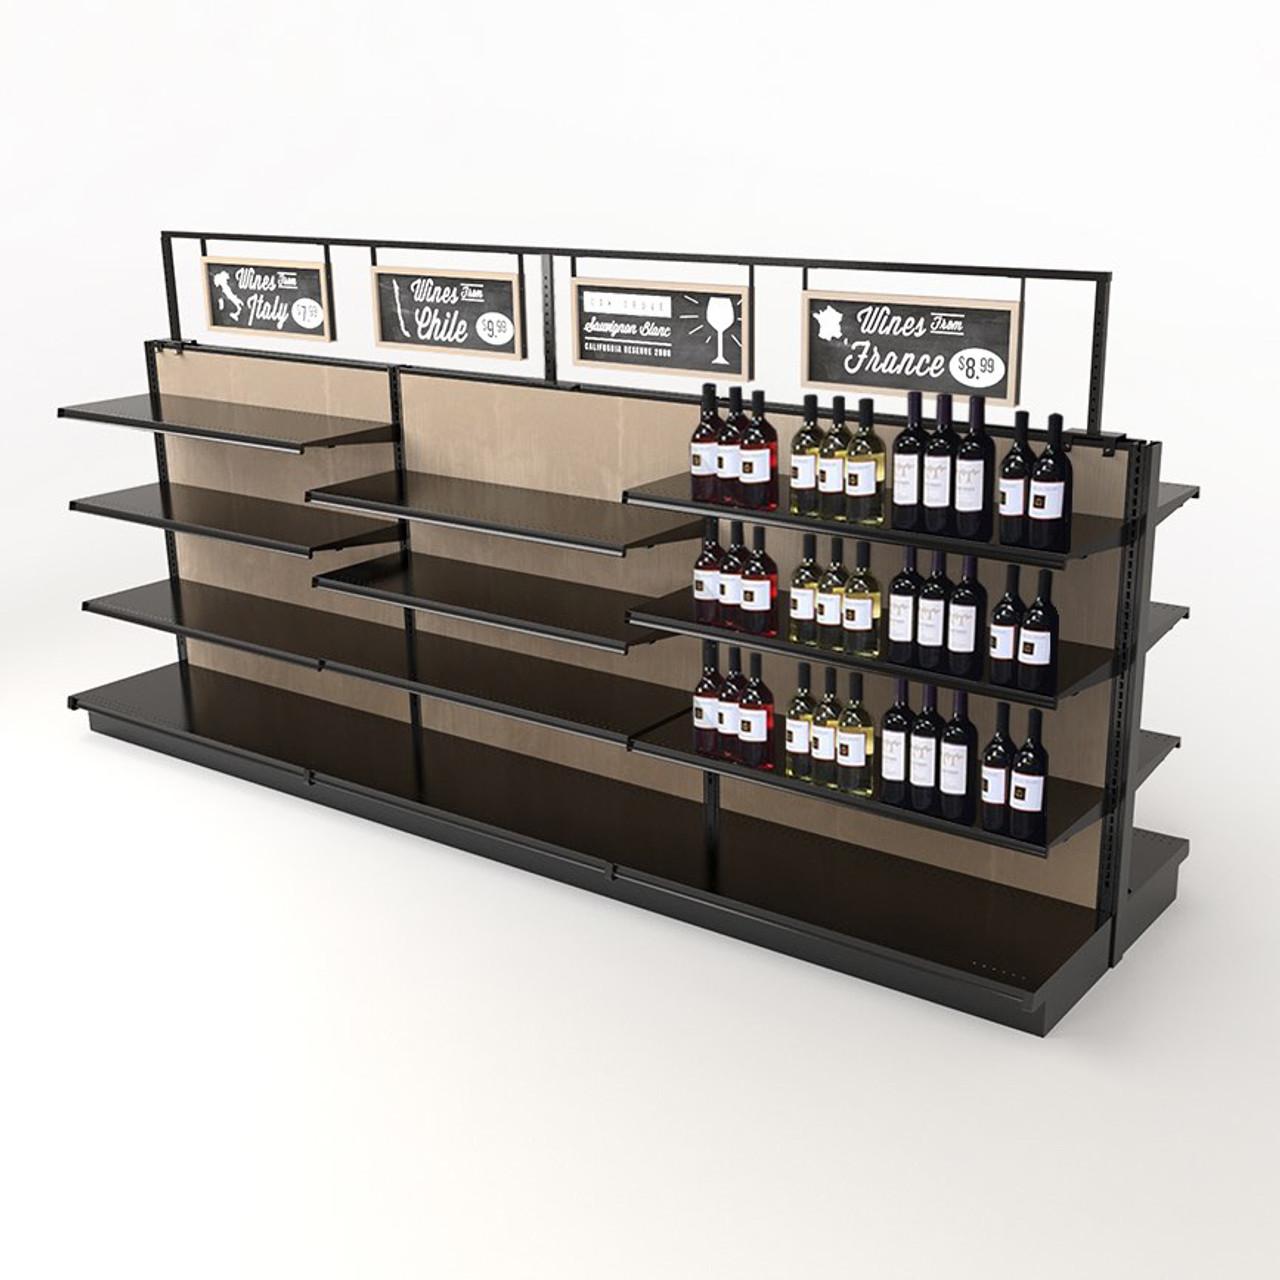 Wholesale Liquor Store Supplies Wood Retail Wine Rack Kit 54h X 12ft Long